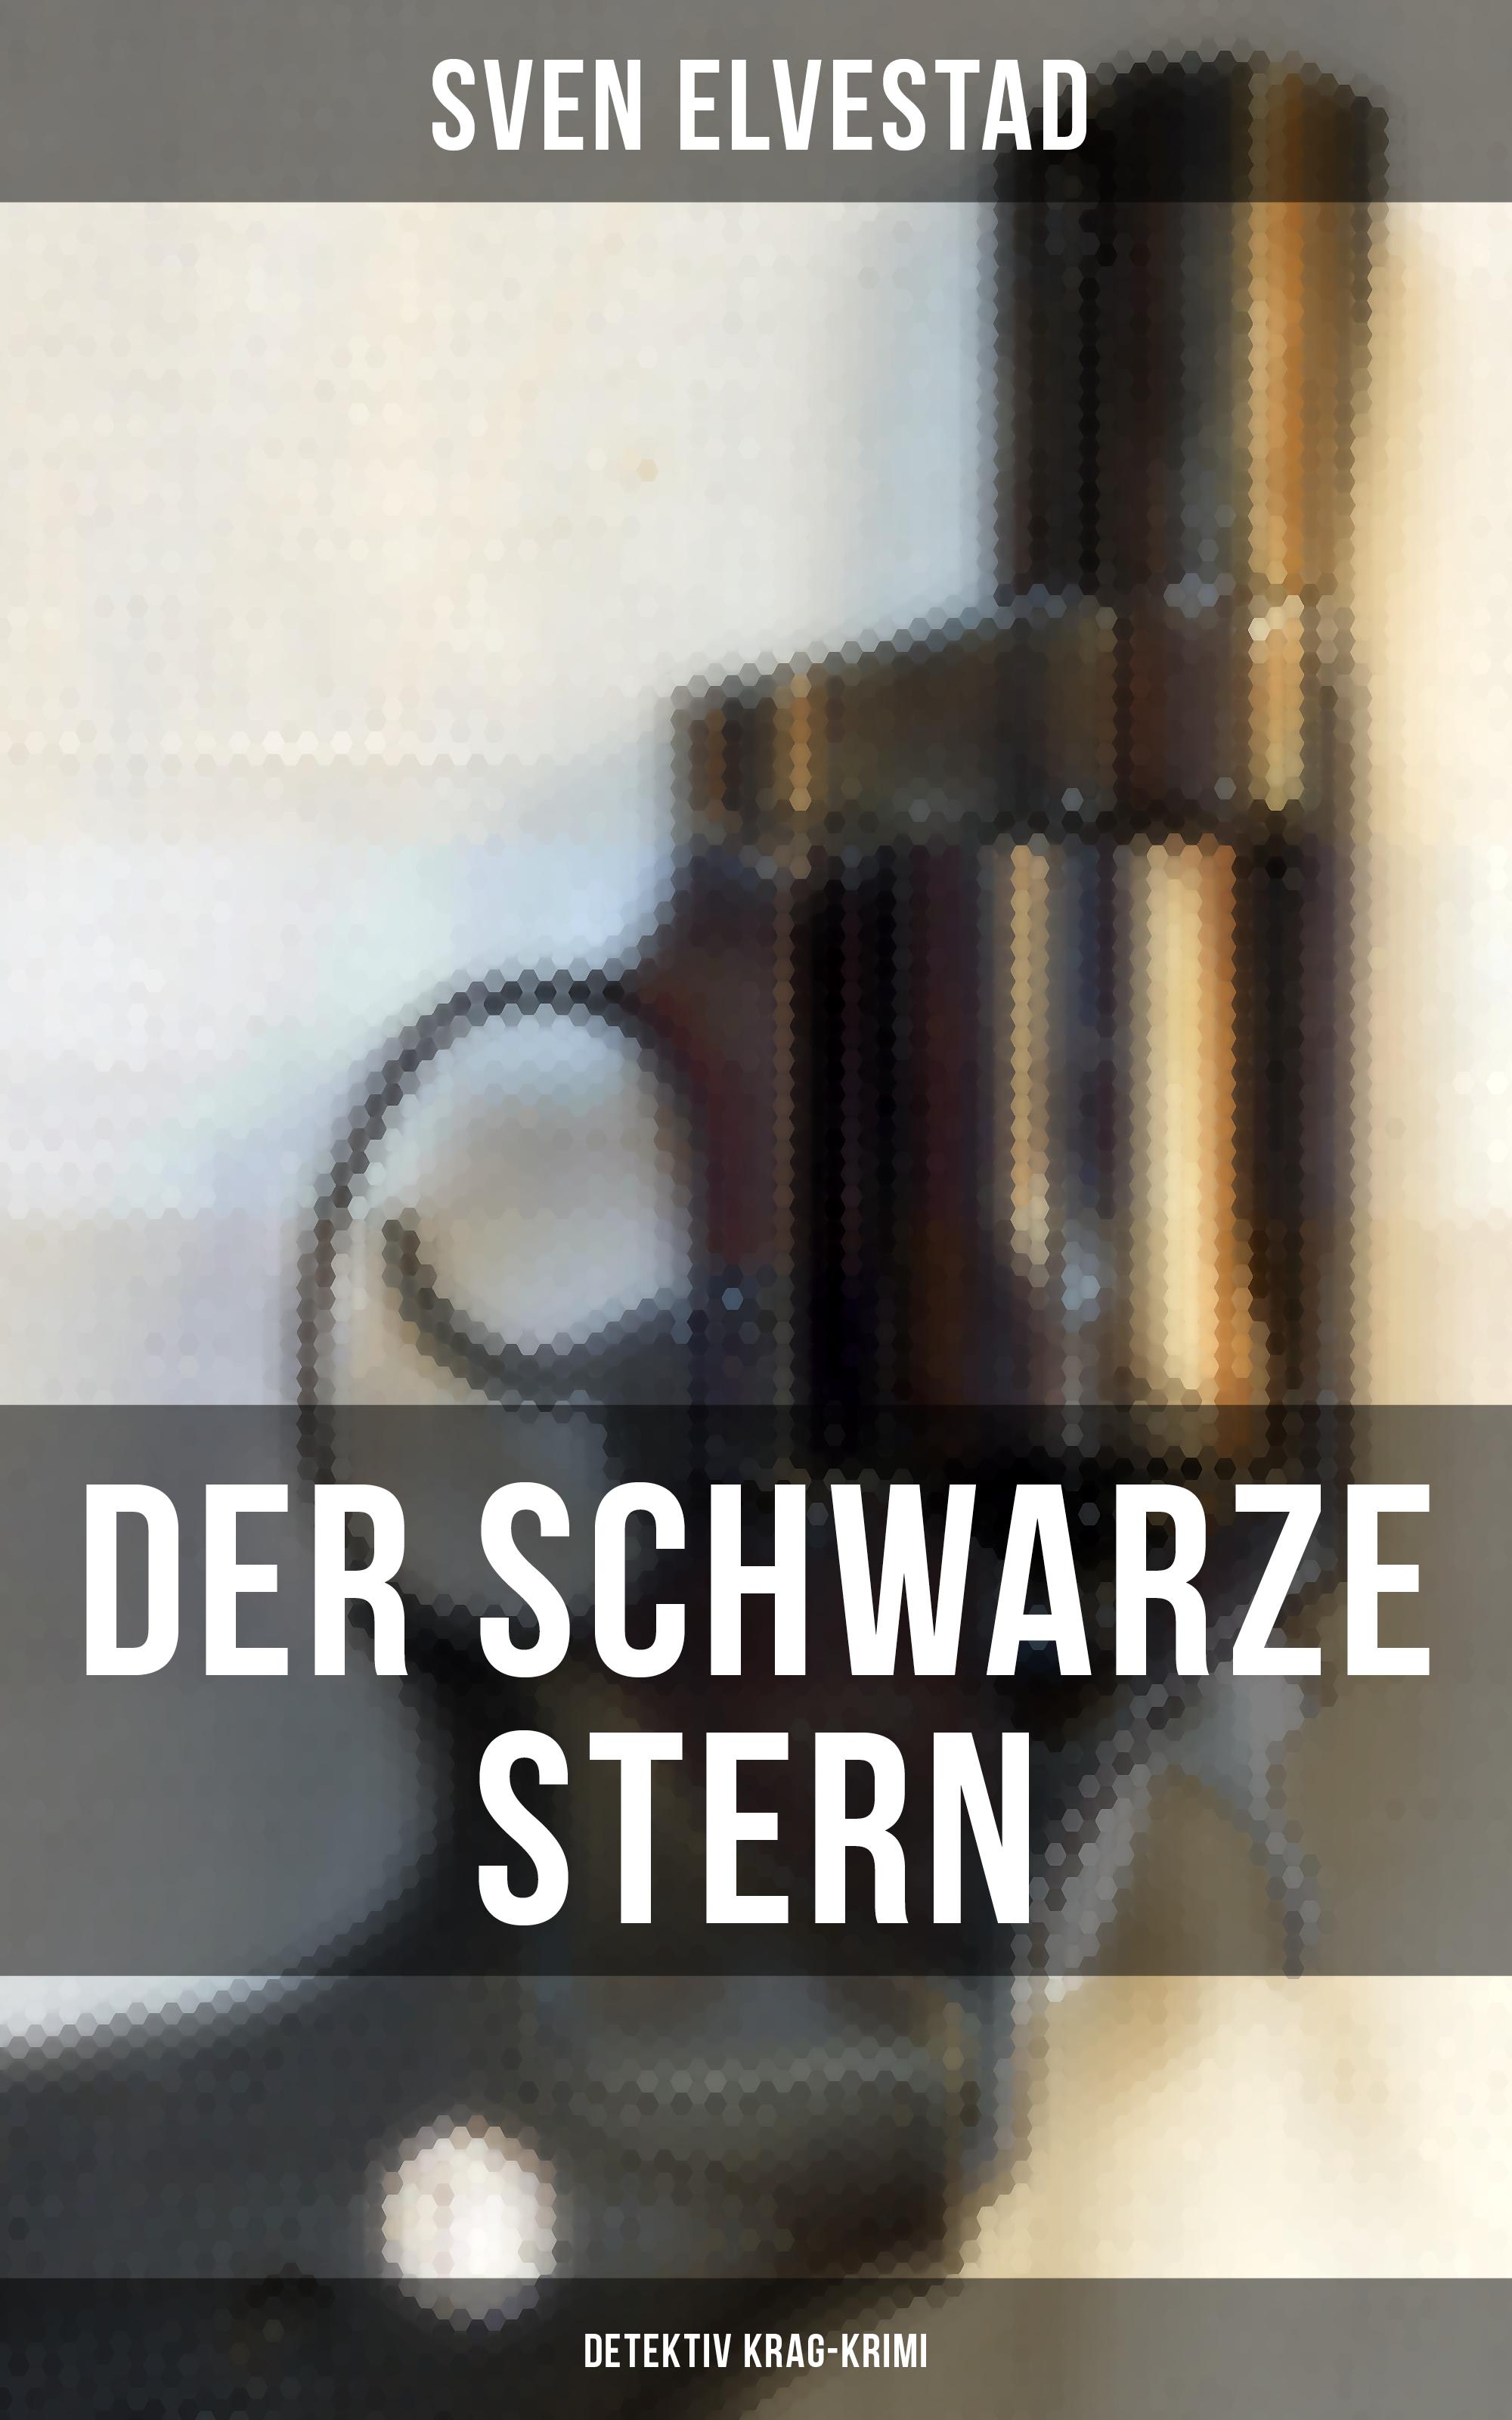 Sven Elvestad Der schwarze Stern: Detektiv Krag-Krimi remarque e der schwarze obelisk isbn 9785992511062